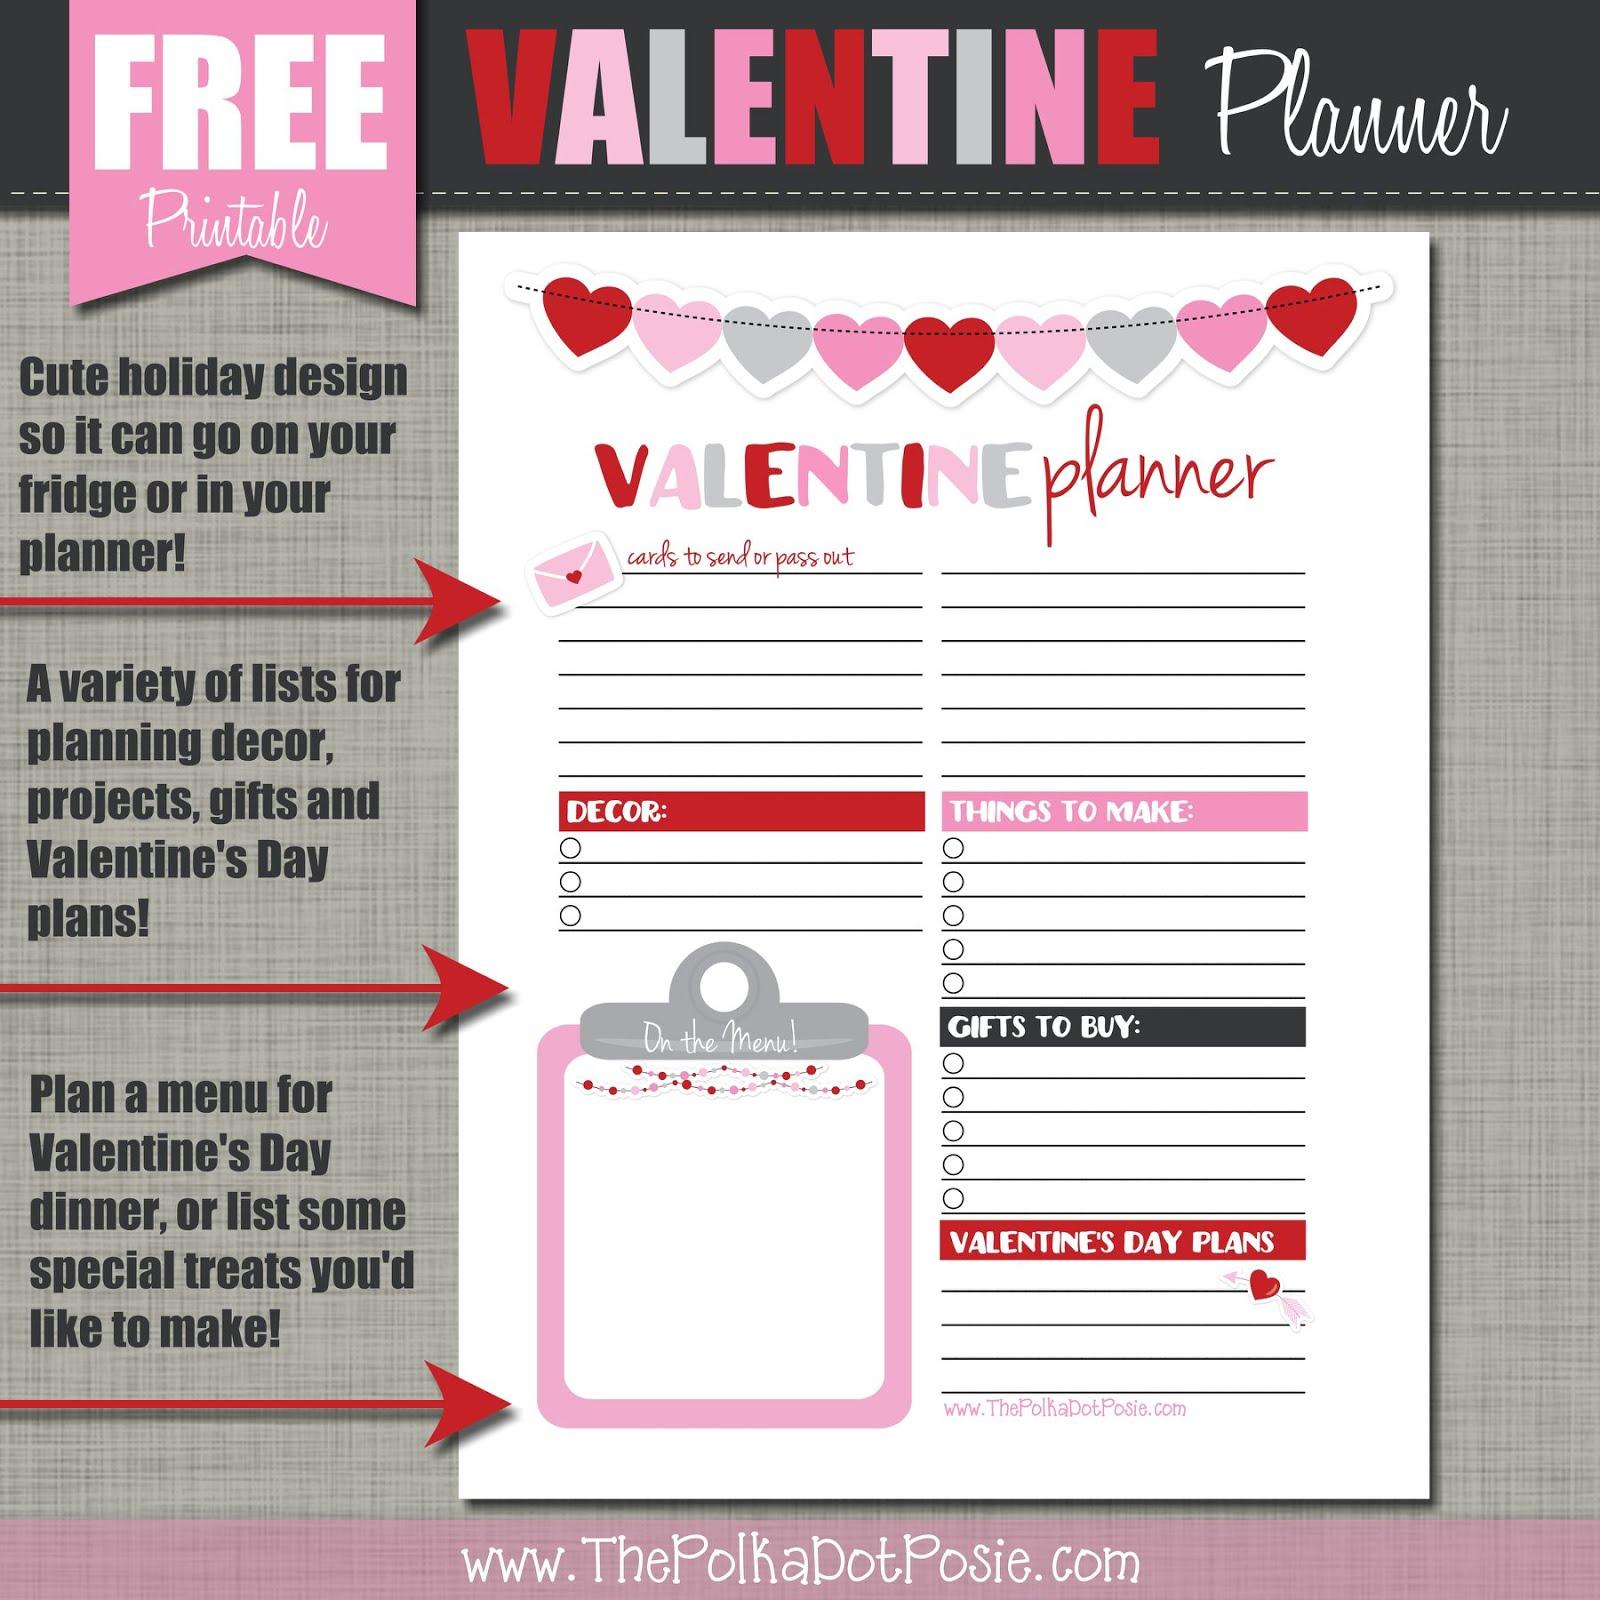 FREE Valentine's Day Planner!